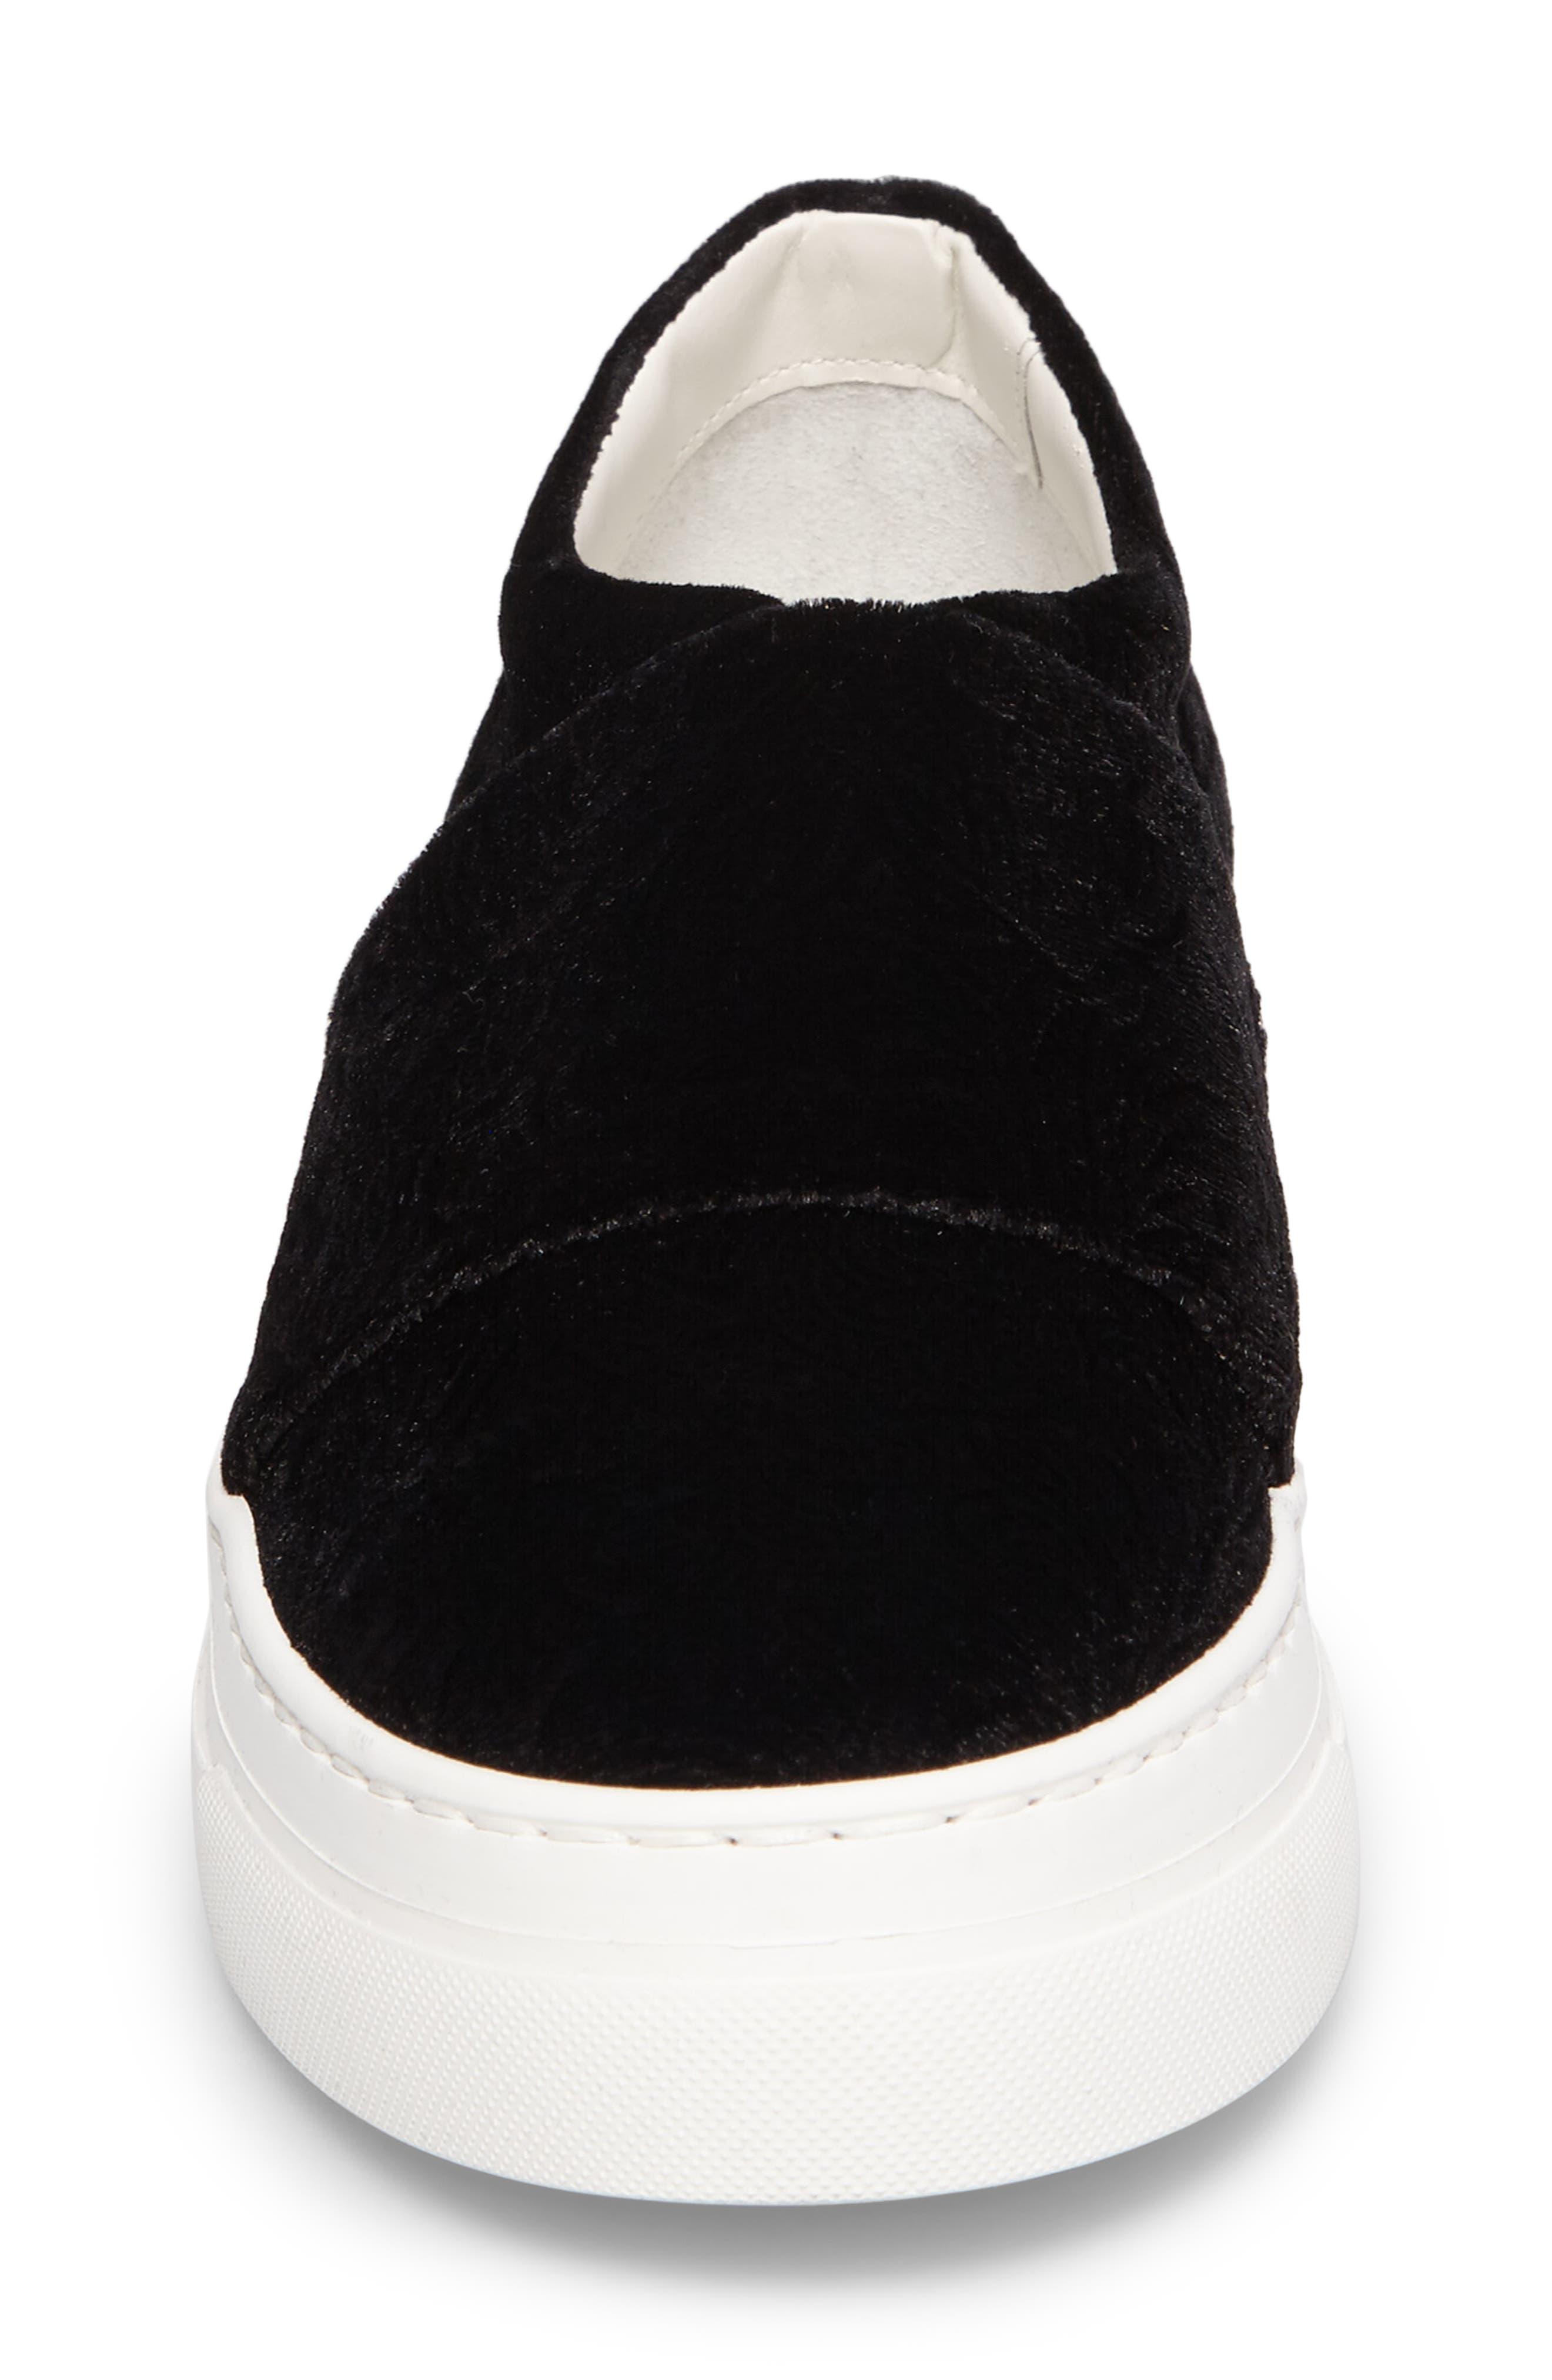 Arlo Slip-On Platform Sneaker,                             Alternate thumbnail 4, color,                             003